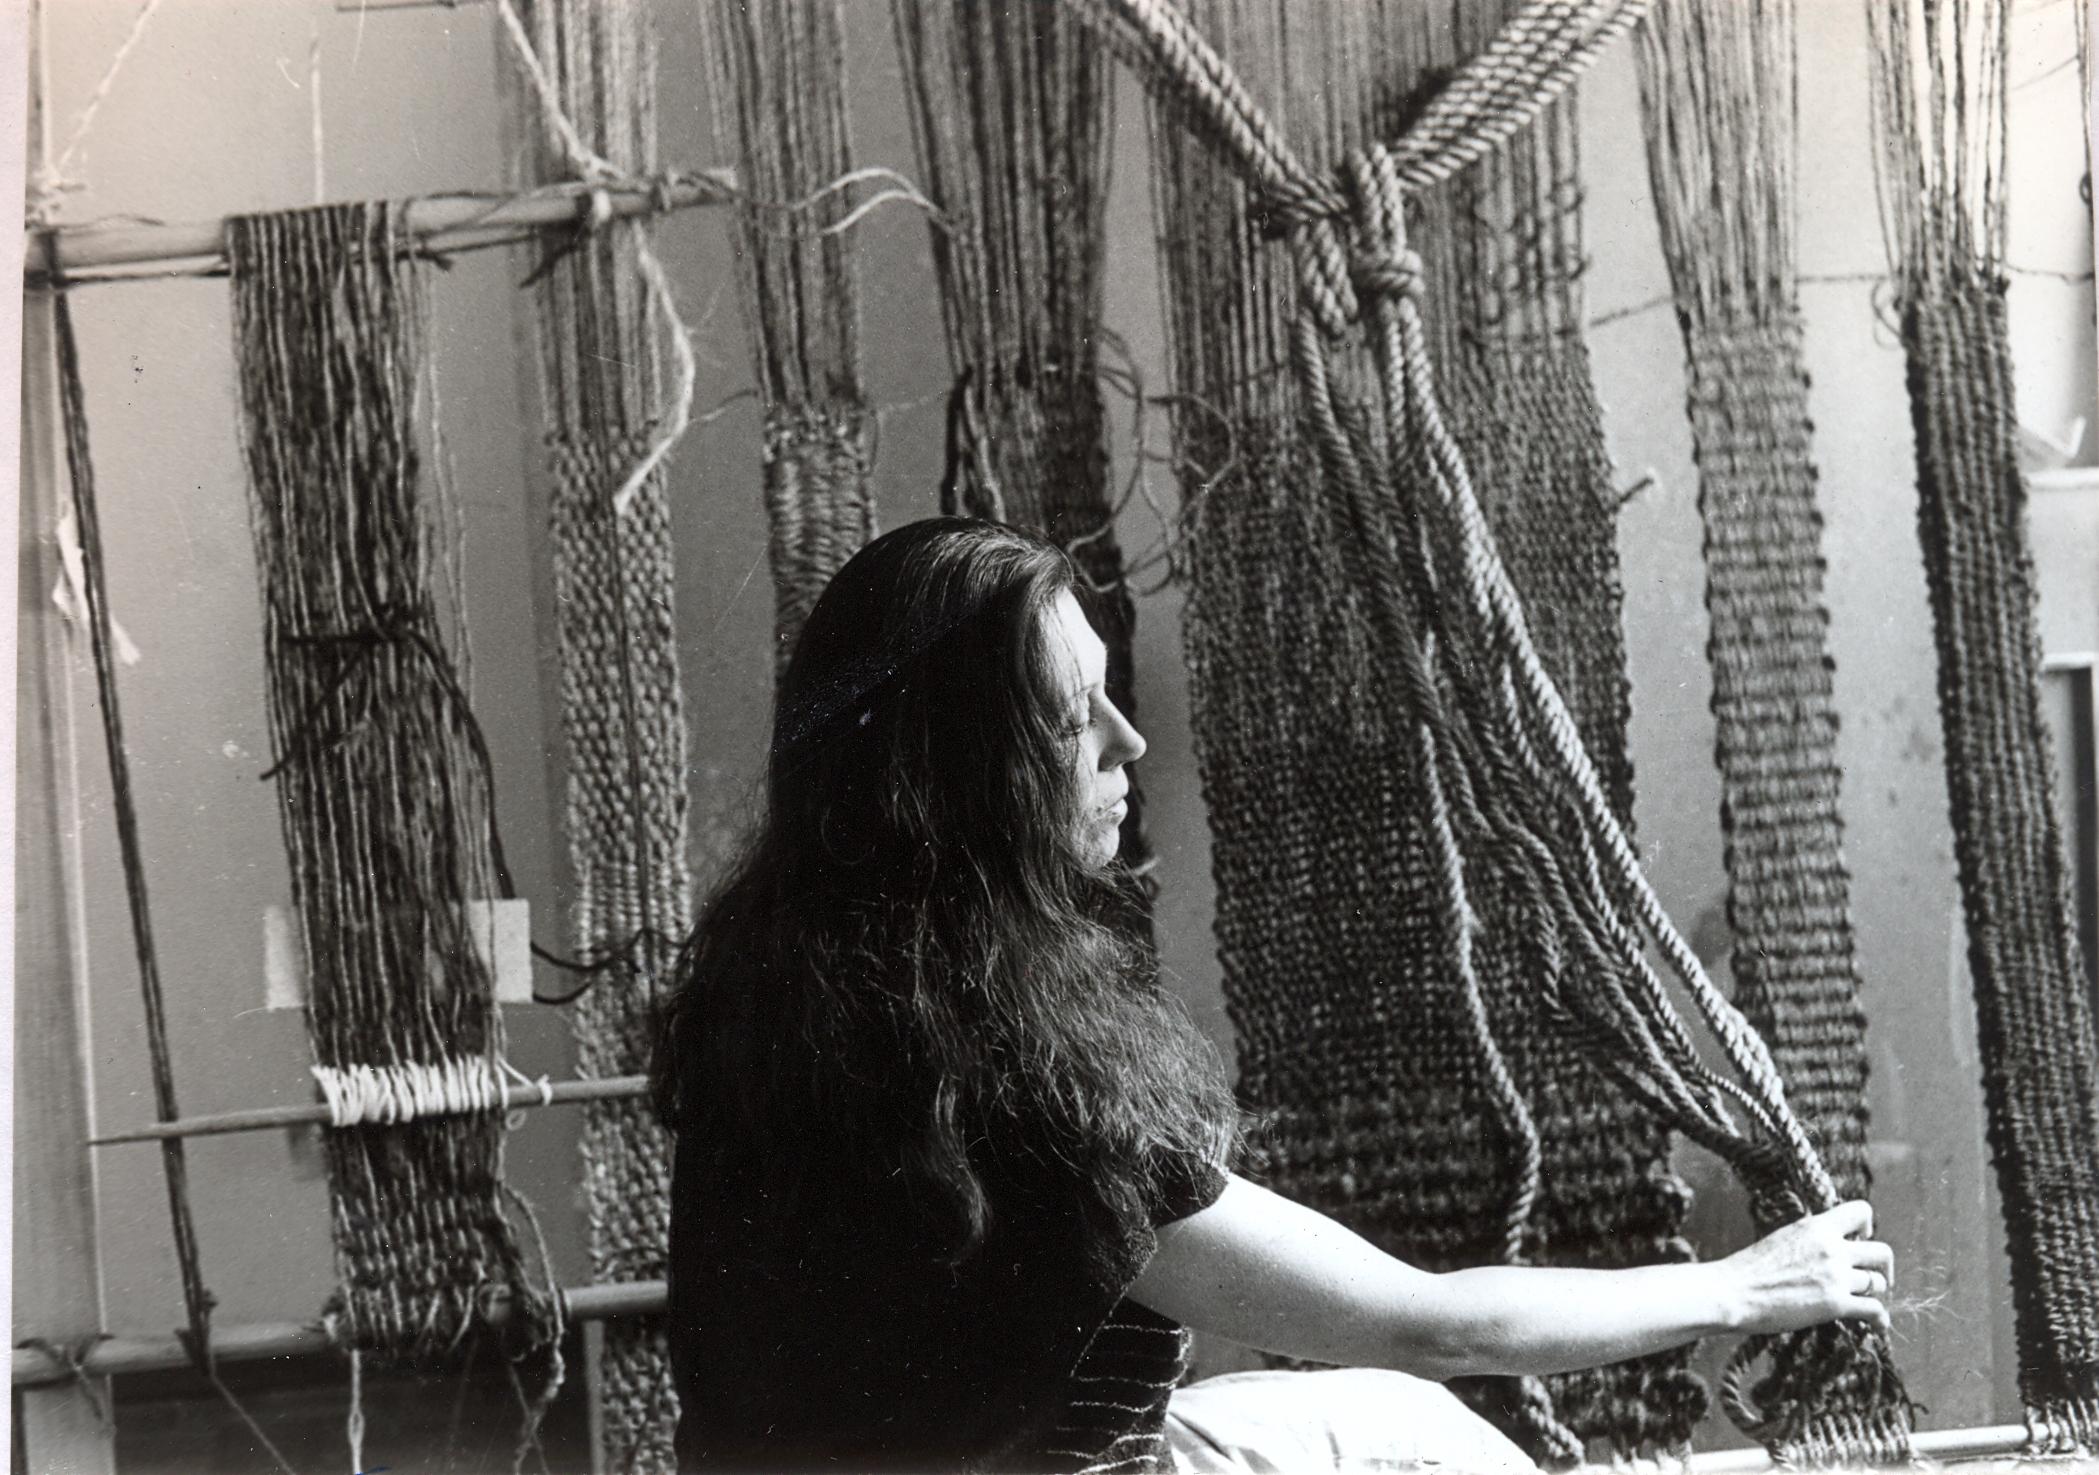 Cecilia Benitez (1937-2010), en su taller. Producción de tejidos, 1980 aprox. Archivo de la artista.